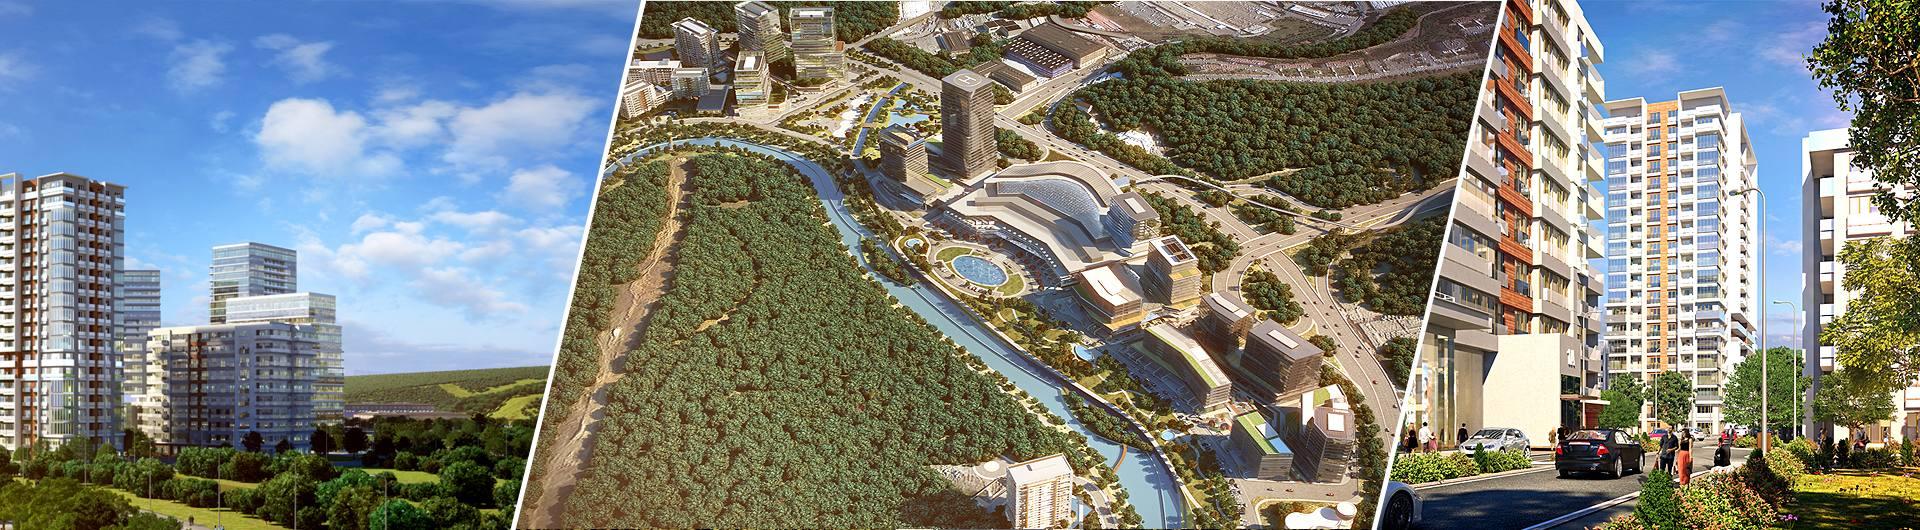 Artaş İnşaat Vadistanbul Park Konut Projesi arkaplan